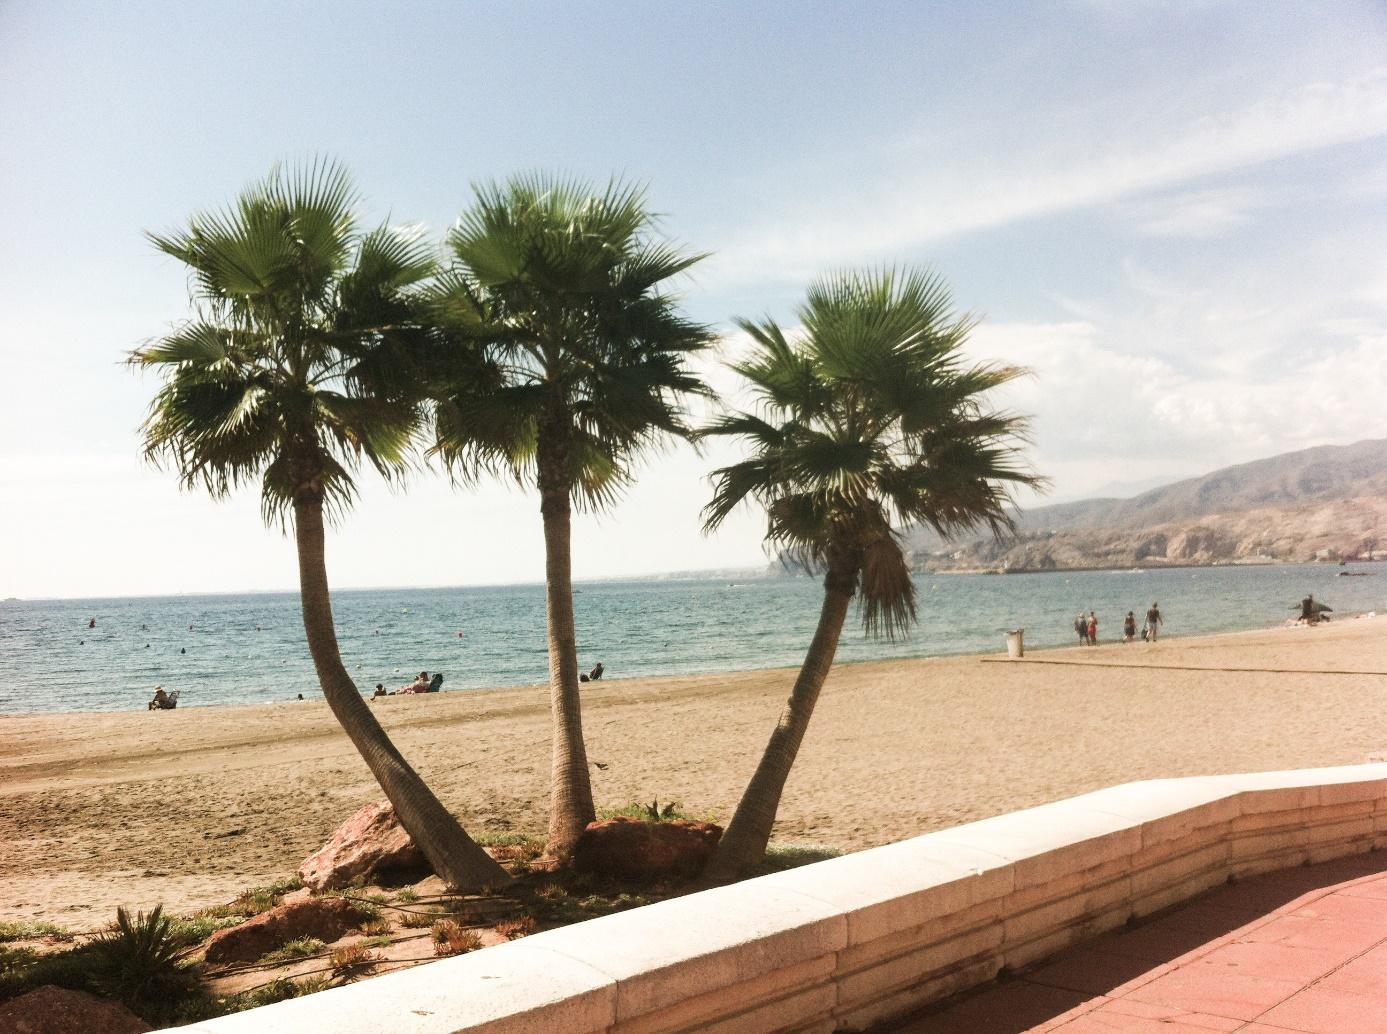 Plaża w Almerii, Źródło własne autora